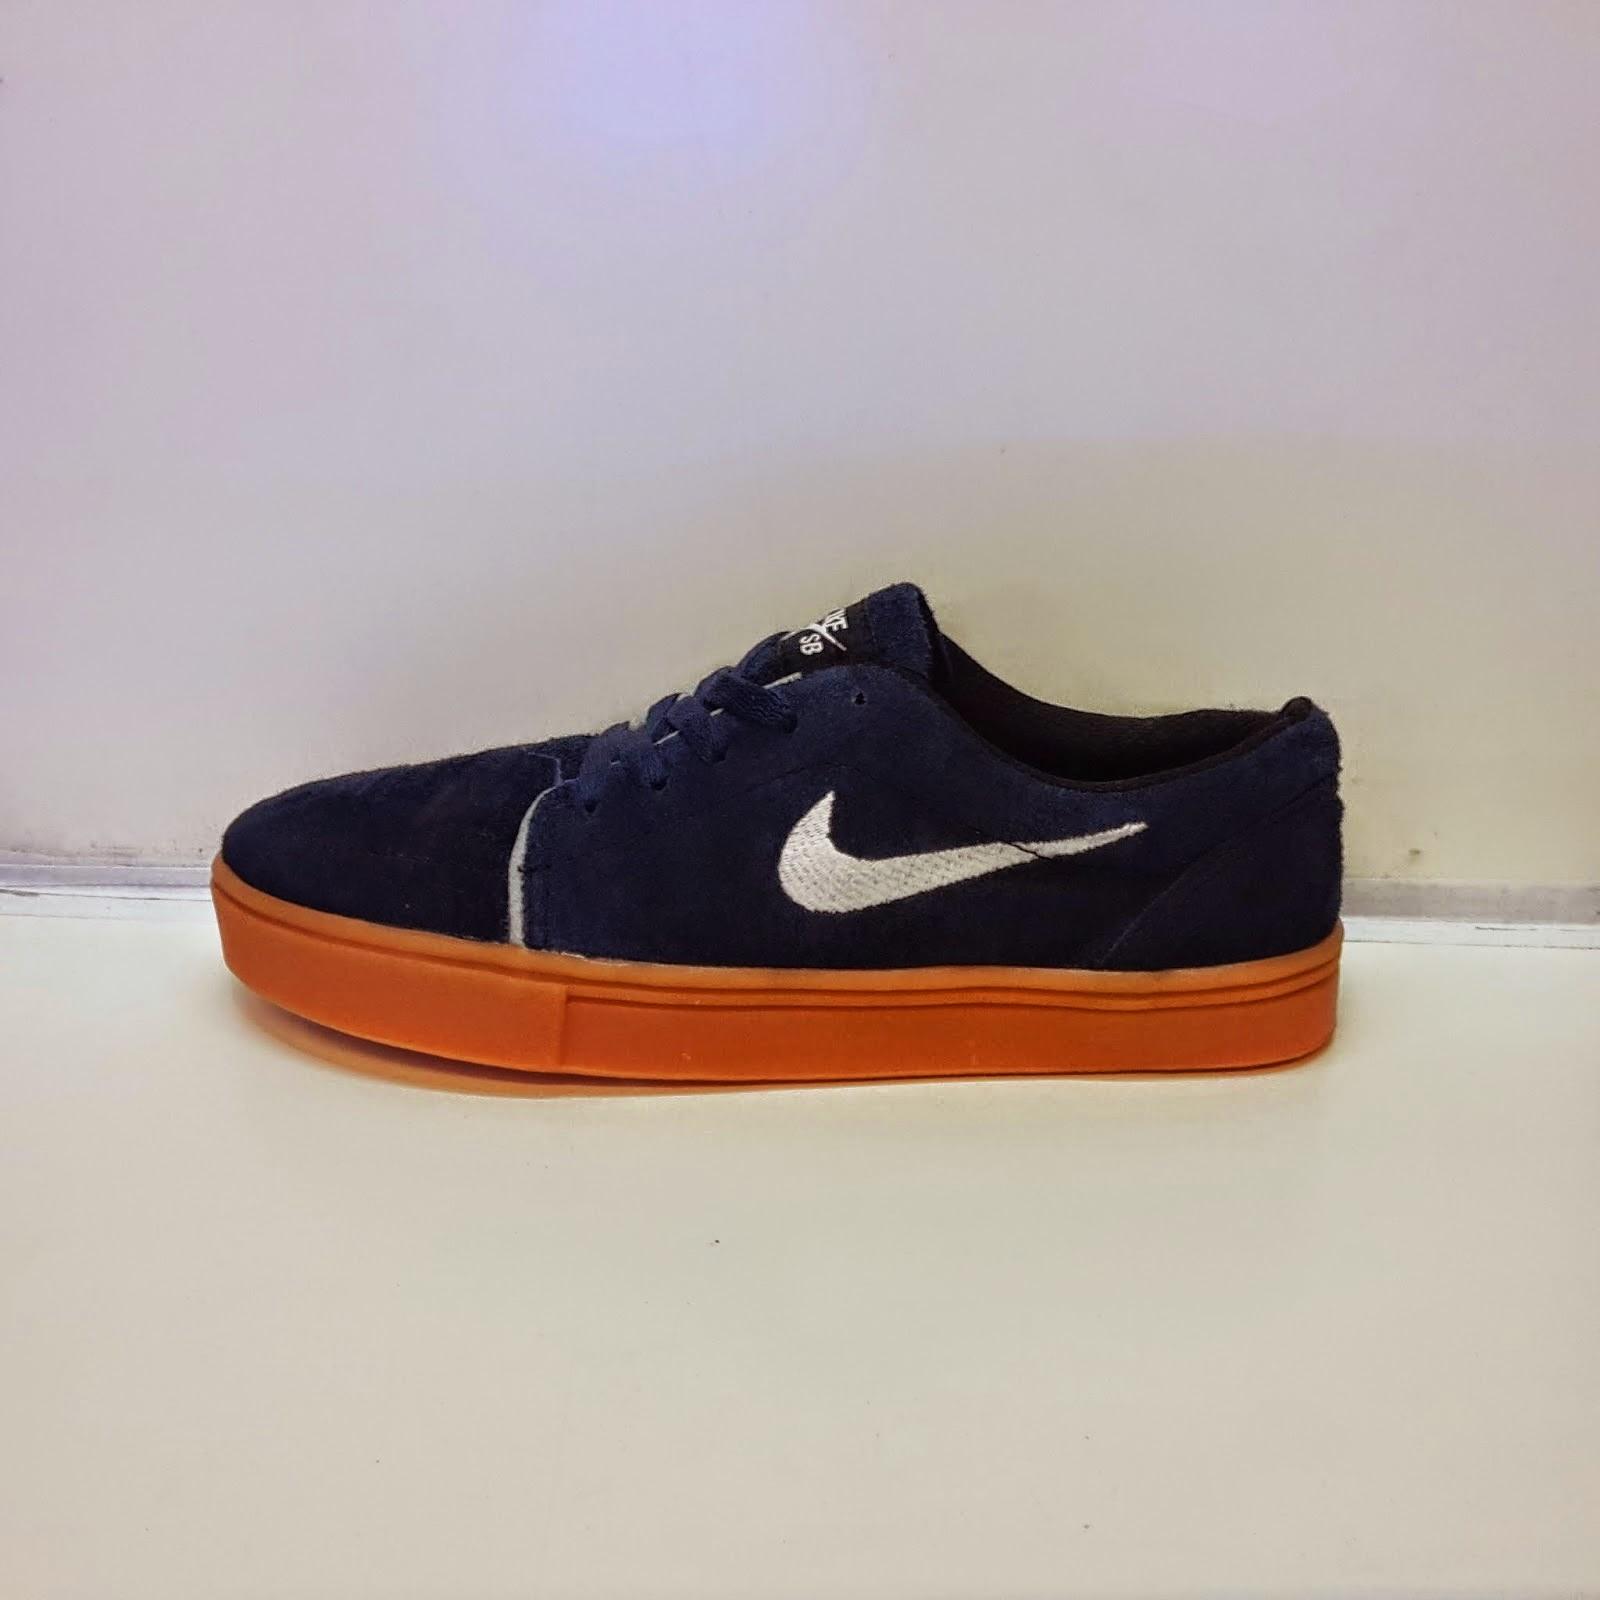 sepatu Nike Casual SB,  sepatu nike terbaru, Nike Casual SB, sepatu nike murah, sepatu casual lagi trend, sepatu nike casual bermerek, sepatu casual termurah, sepatu Nike Casual SB oke banget, sepatu Nike Casual SB import, sepatu Nike Paul original sepatu, sepatu casual grosir, sepatu casual ecer, sepatu casual, pusat sepatu grosir, pusat sepatu casual, pusat sepatu adidas murah, toko sepatu casual murah, sepatu murah, sepatu bagus, sepatu jakarta, sepatu keren, sepatu casual termurah, pusat sepatu casual, pusat sepatu grosir, pusat sepatu ecer, sepatu nike lagi trend, sepatu casual lagi trend, jual sepatu, beli sepatu,toko online aman, toko online terpercaya, jual sepatu, toko sepatu, agen sepatu, beli sepatu, belanja sepatu, sepatu bagus, sepatu keren, harga sepatu, model sepatu, warna sepatu, warna hitam, warna merah, warna biru, warna cerah, warna gelap,